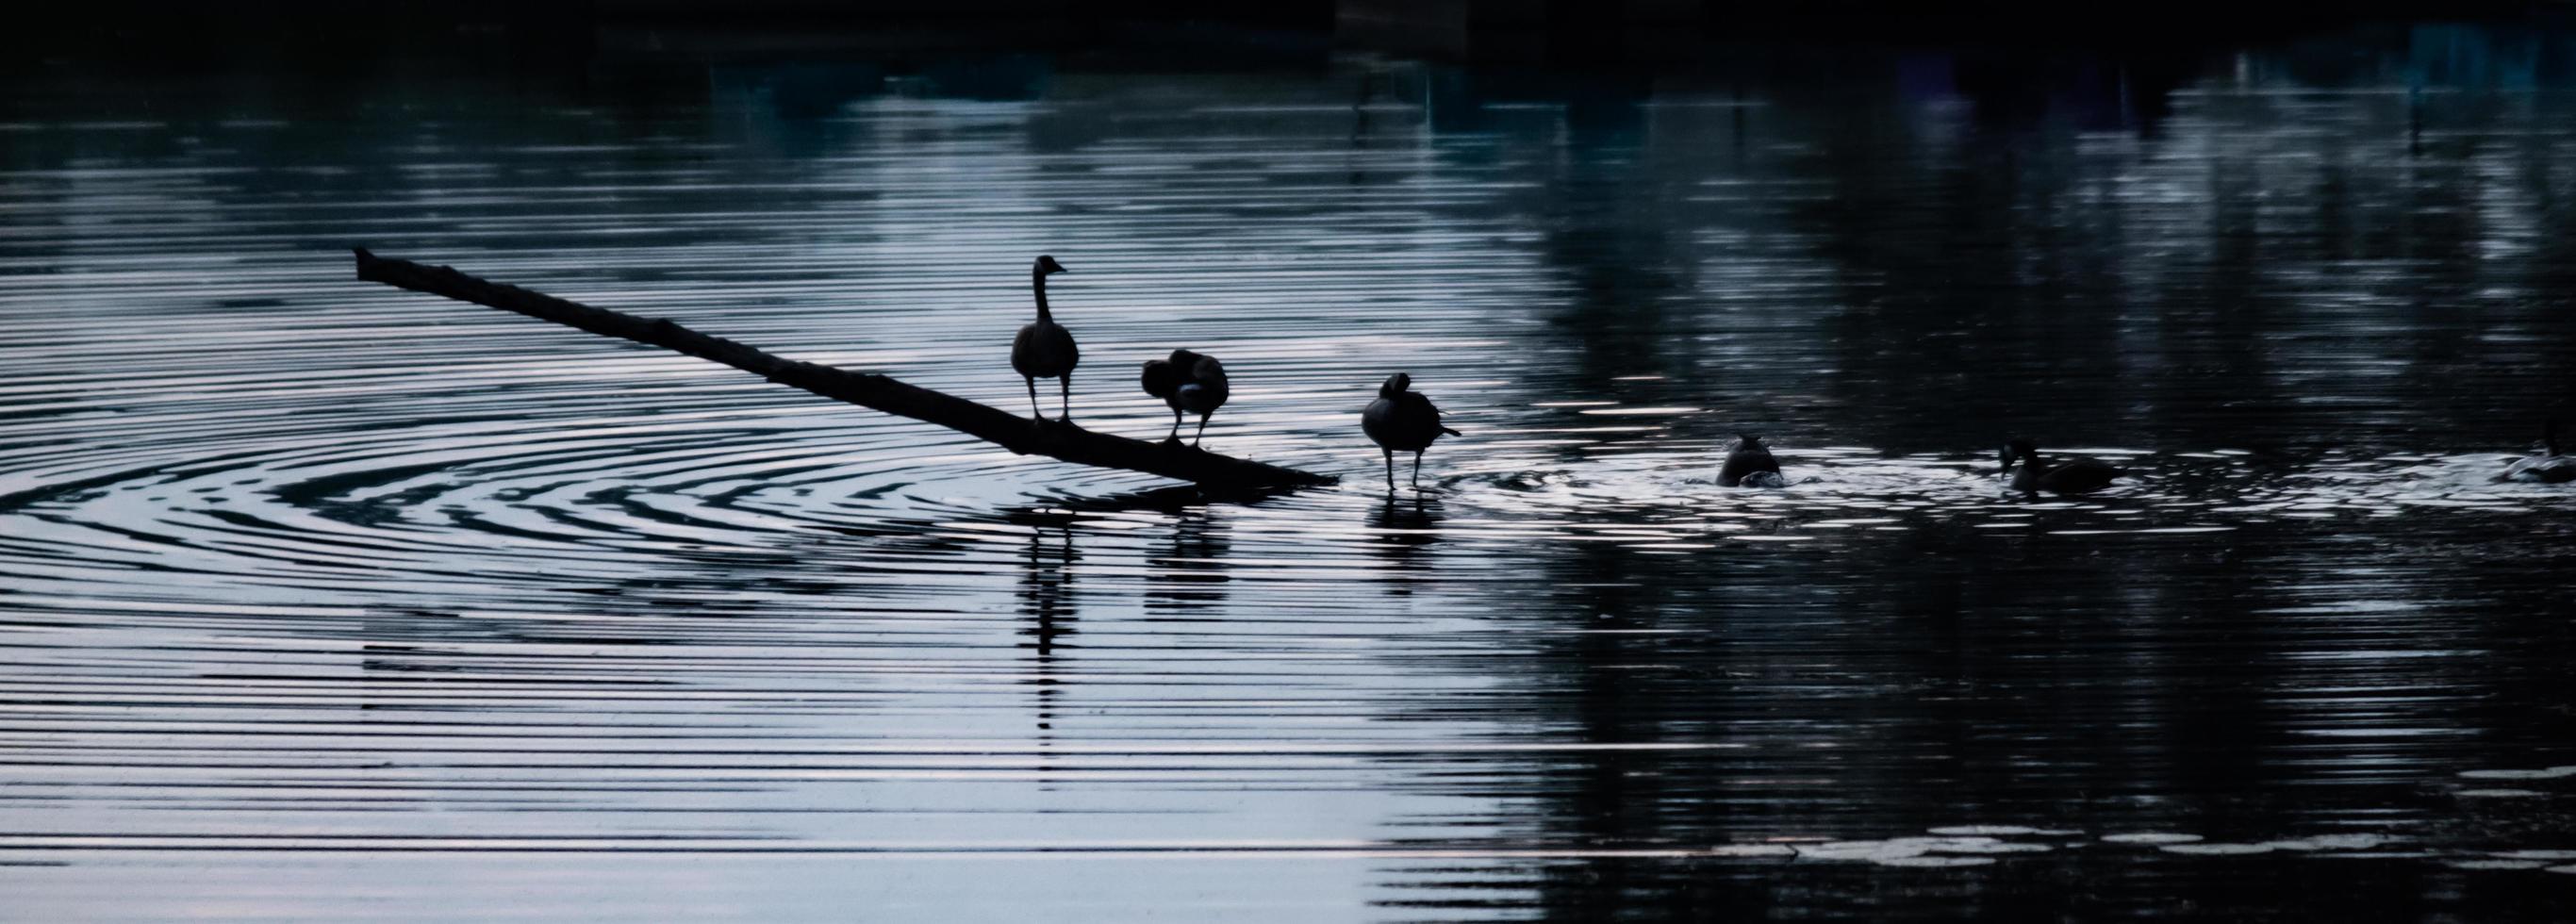 zwanen op het water foto